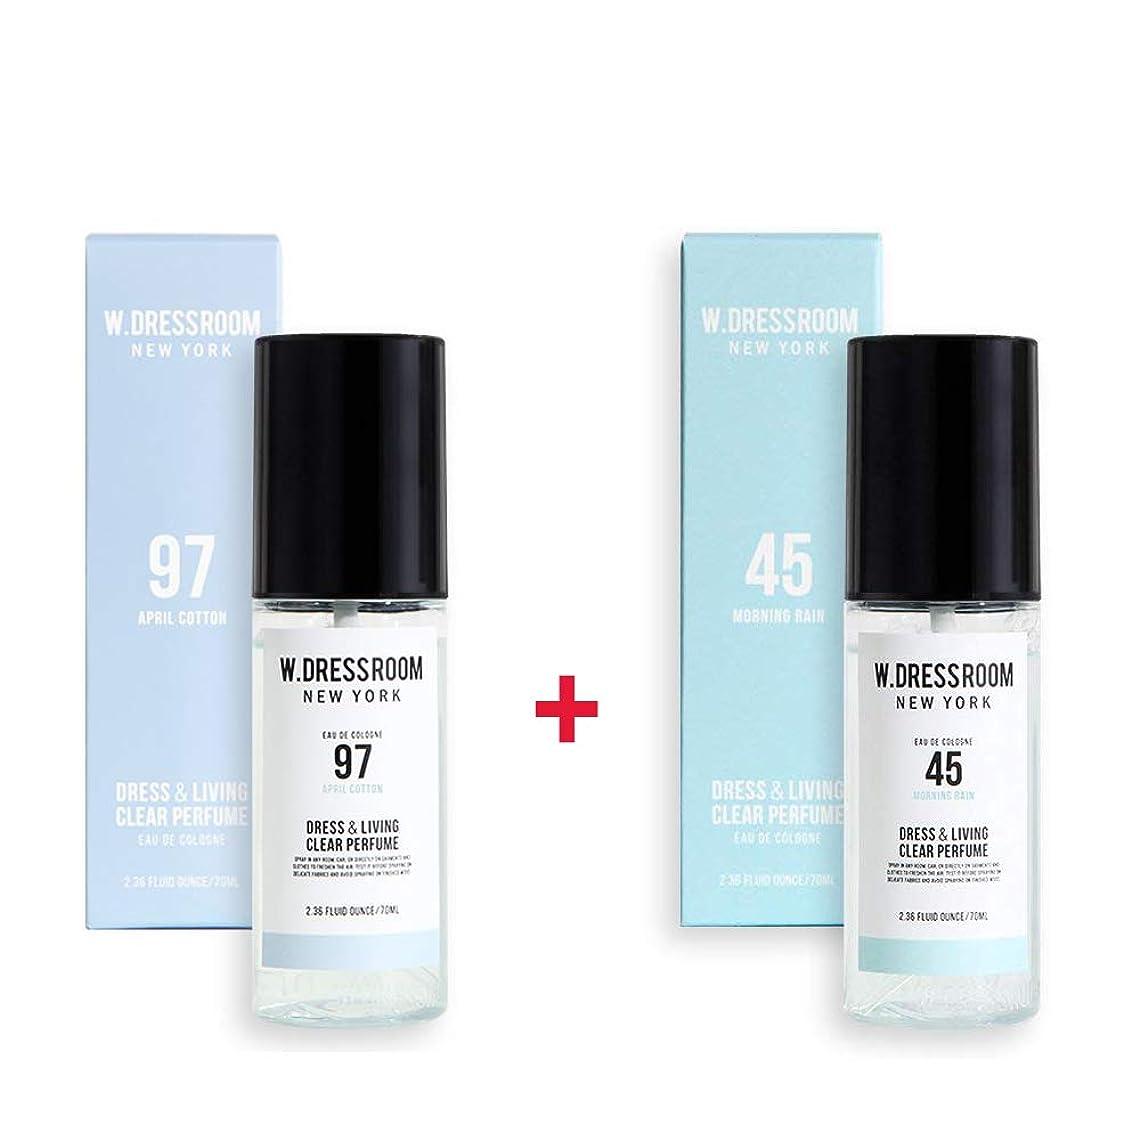 計り知れないベッド皮W.DRESSROOM Dress & Living Clear Perfume 70ml (No 97 April Cotton)+(No 45 Morning Rain)